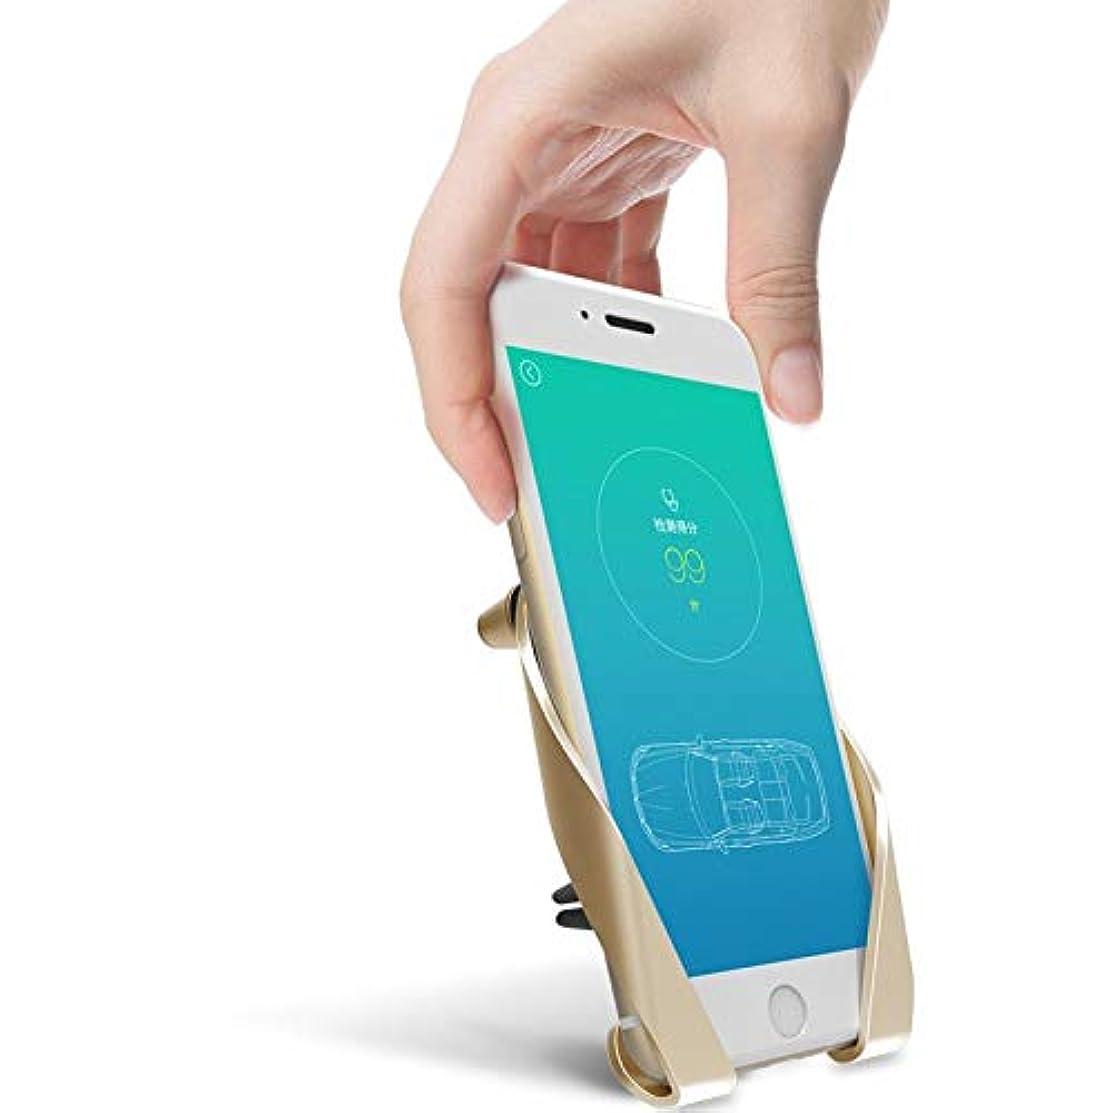 花束どこ物理的にJicorzo - サムスンiPhone用ユニバーサルカーベント携帯電話ホルダーカープラスチック製エアアウトレットアジャスタブル電話スタンドホルダー